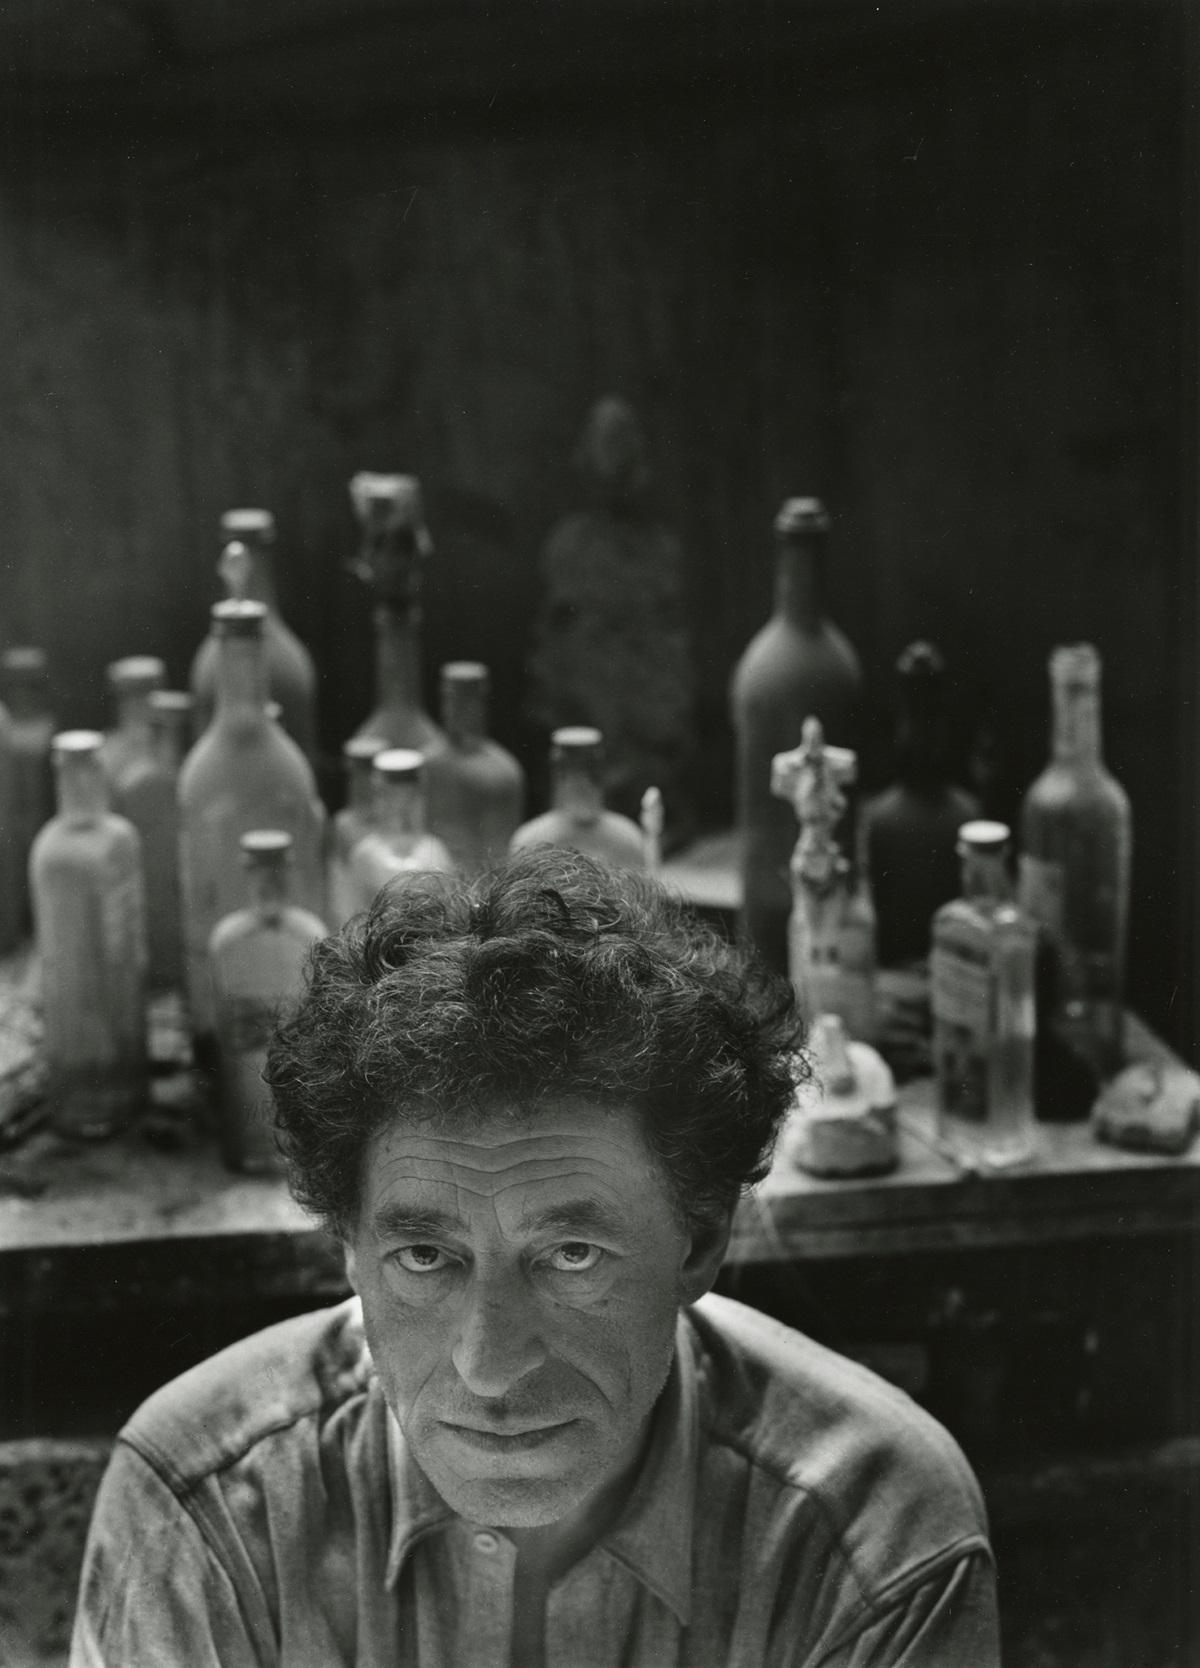 СкулпторътАлберто Джакомети (1954 г.). Утвърждава се като един от водещите скулптори насюрреализма.